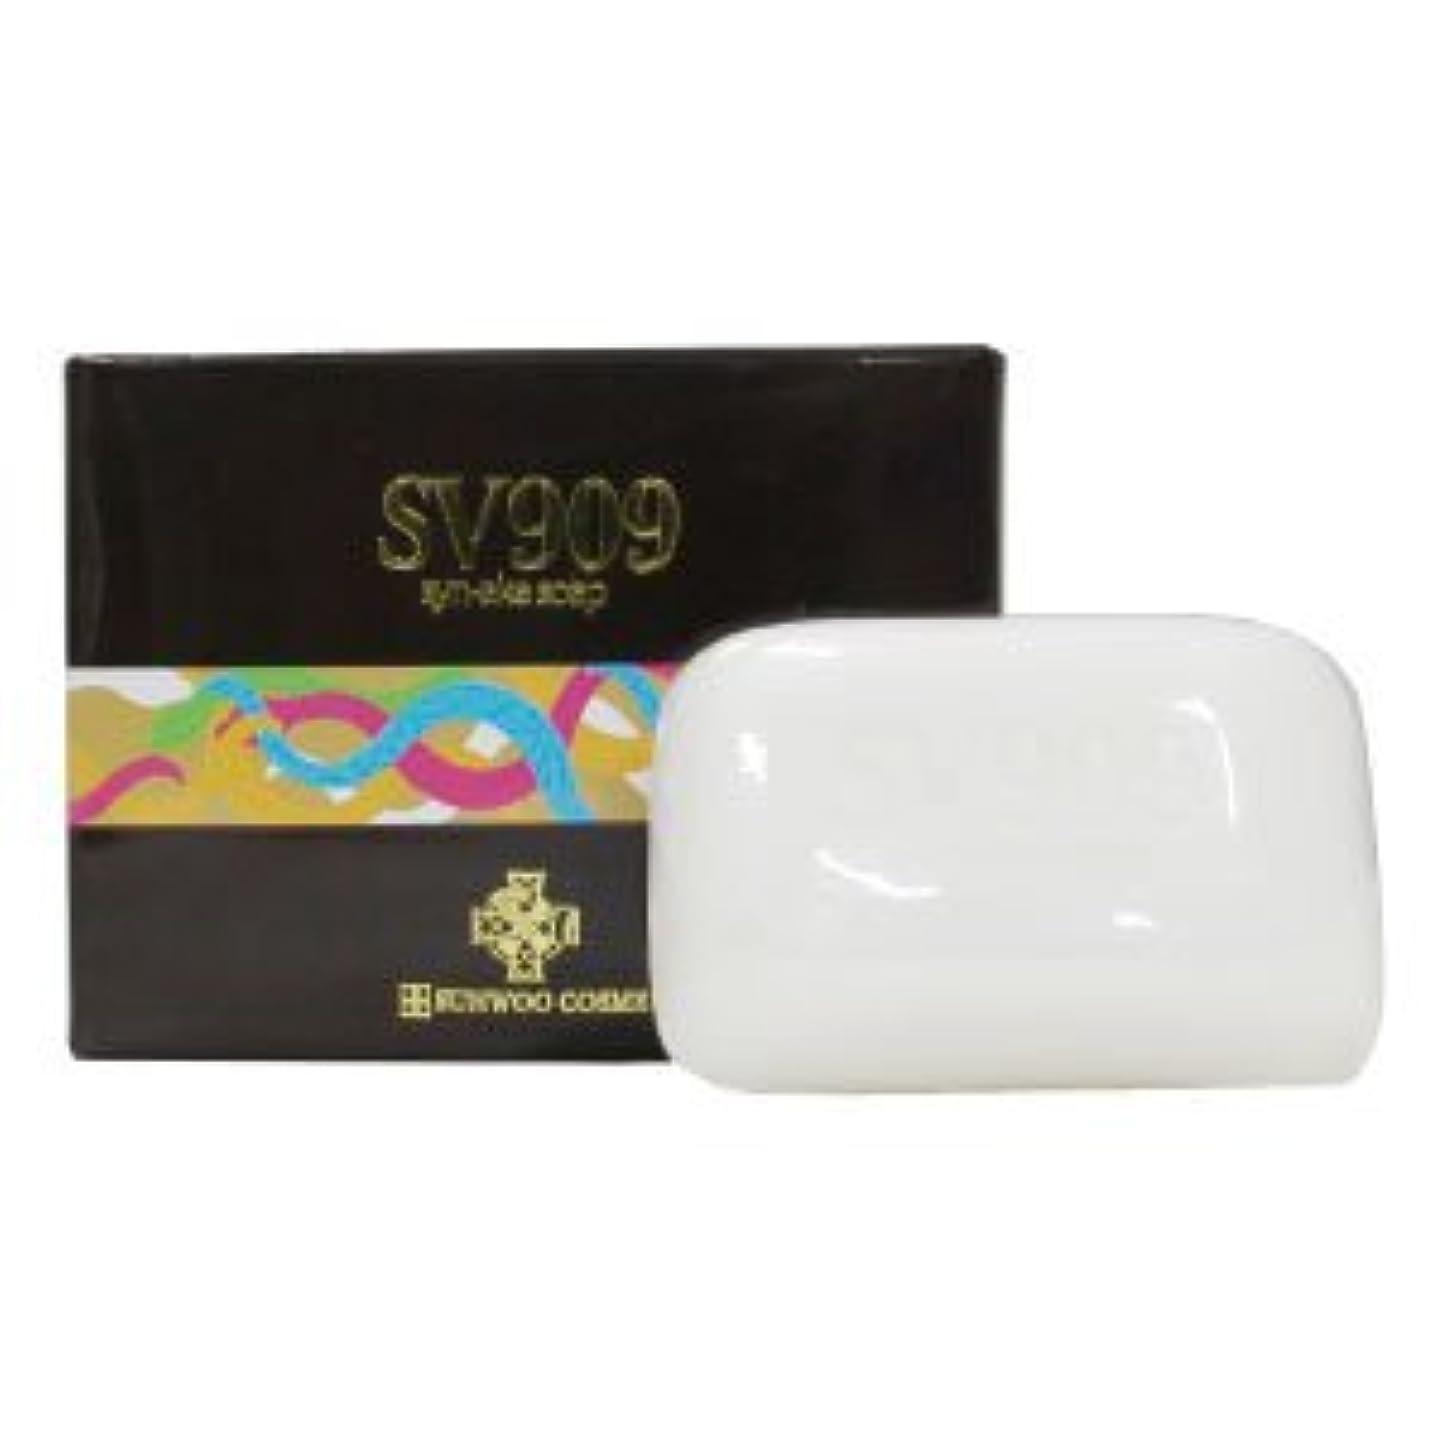 蛇毒 SV909 石鹸 【正規輸入品】